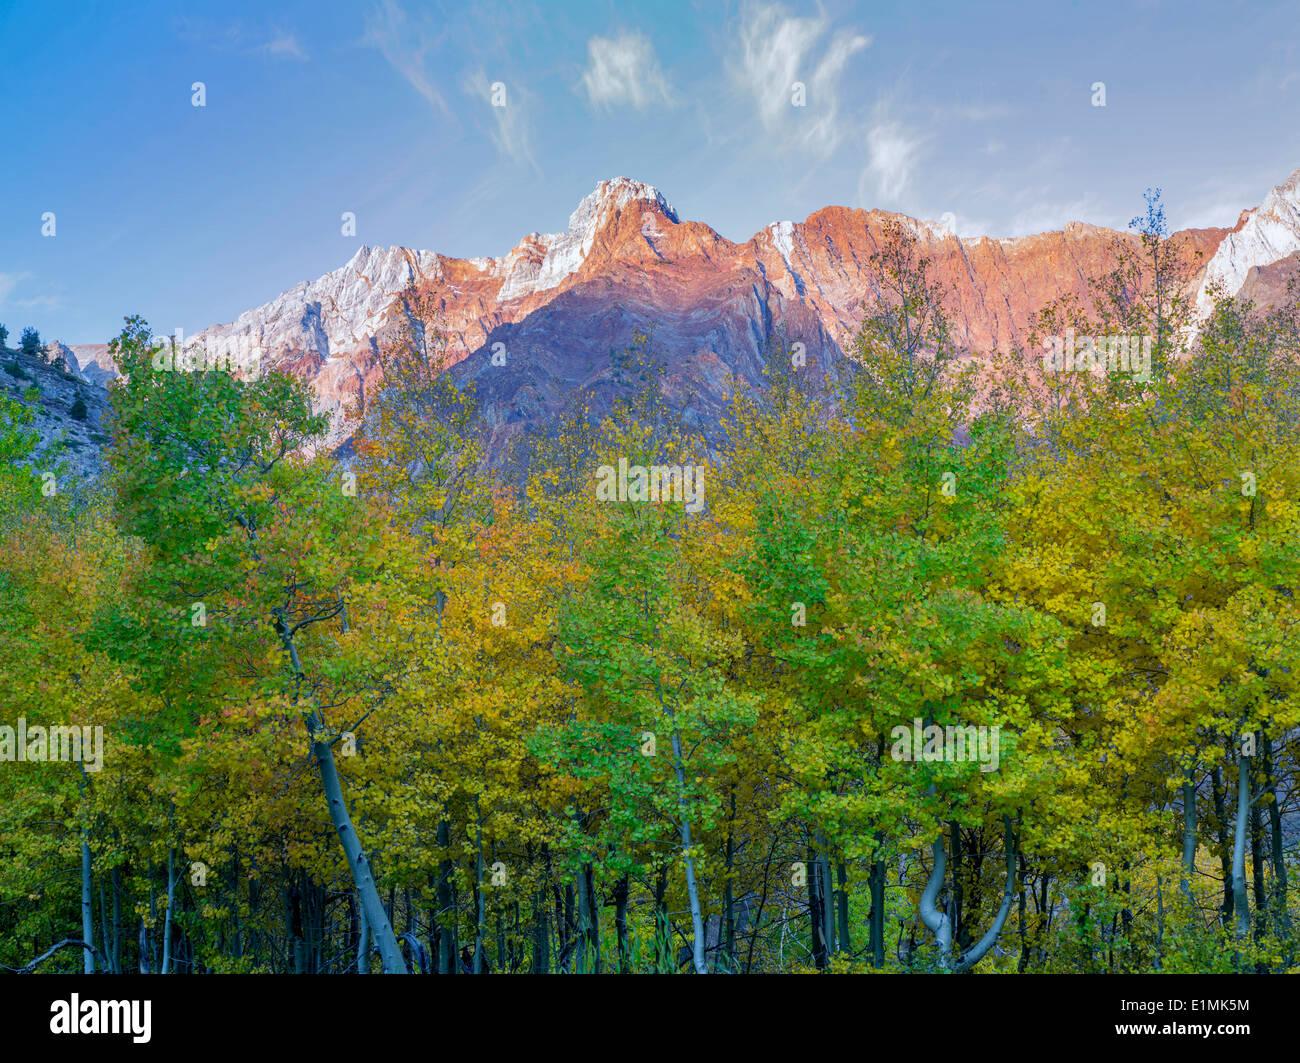 Couleur d'automne et de peupliers de l'Est de la sierra Nevada près de McGee Cri, Californie Photo Stock